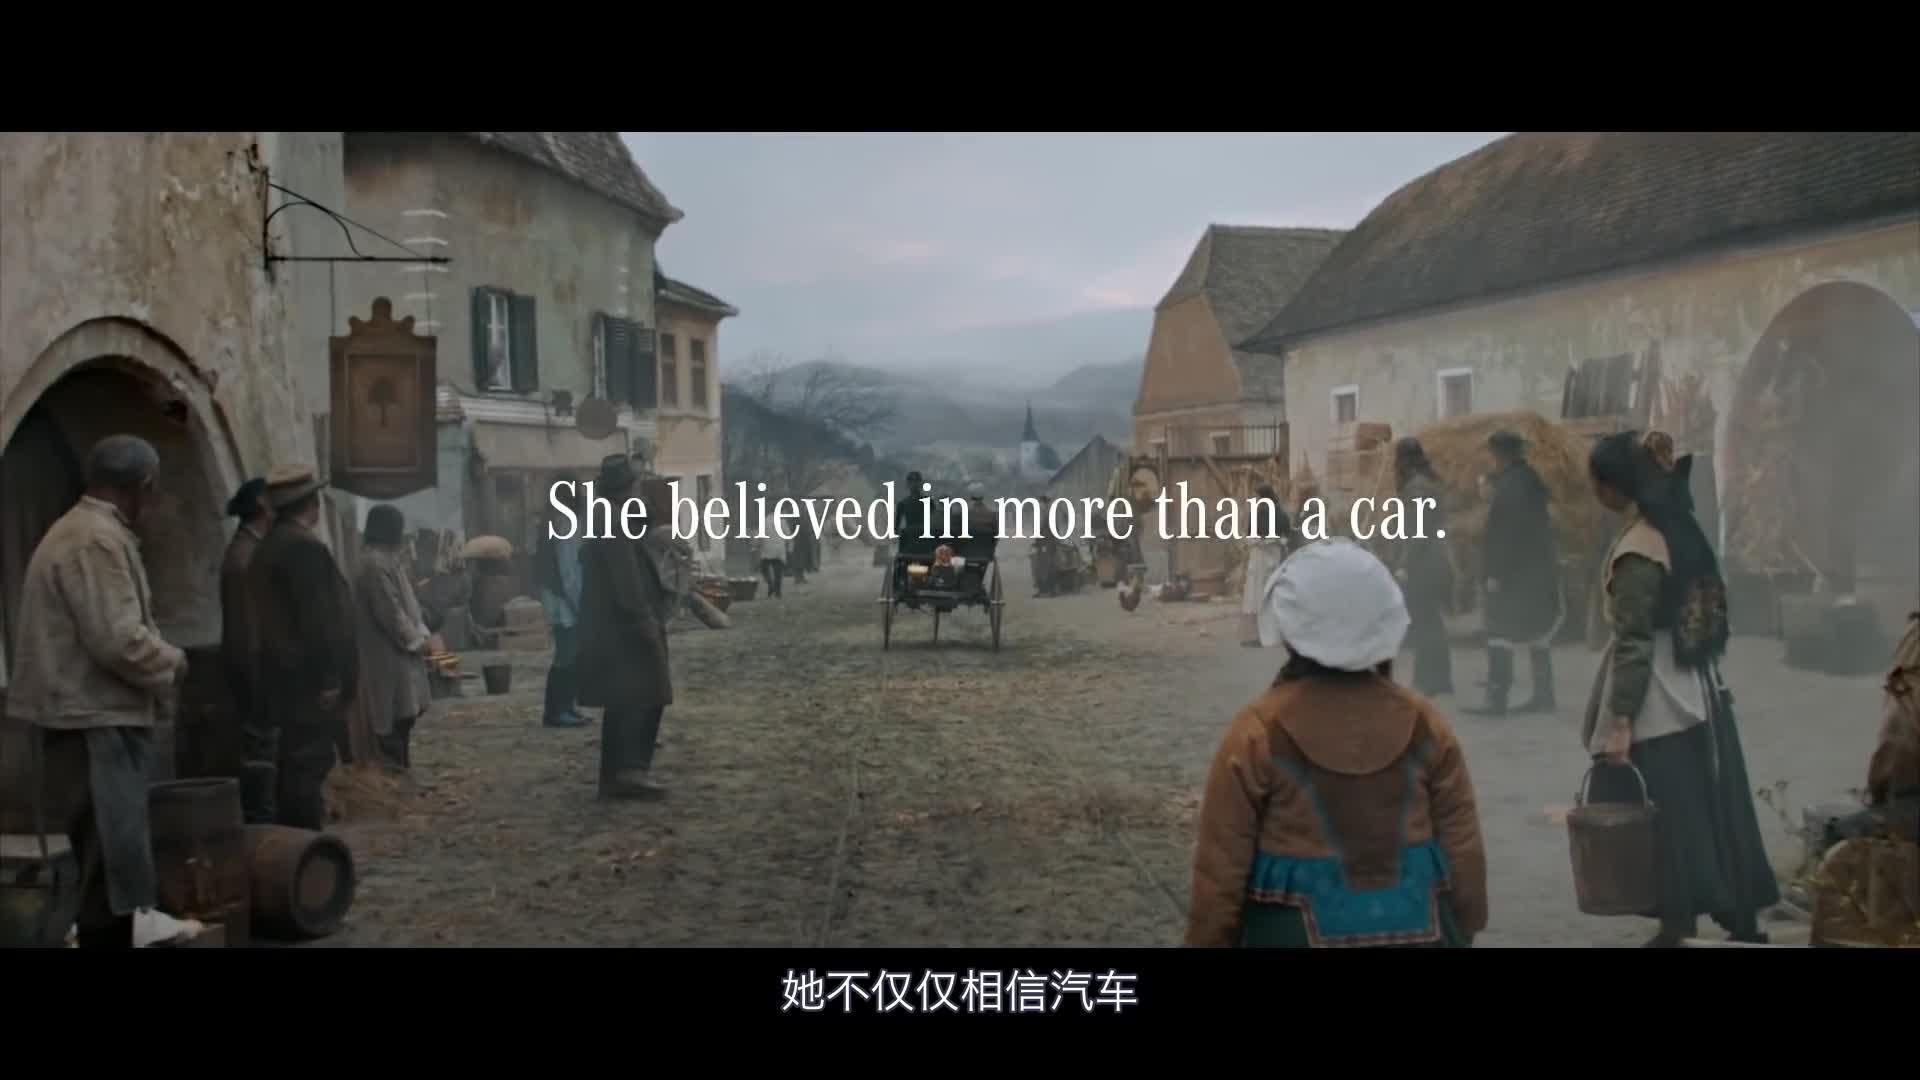 人类第一次汽车旅行是一位女性完成的!